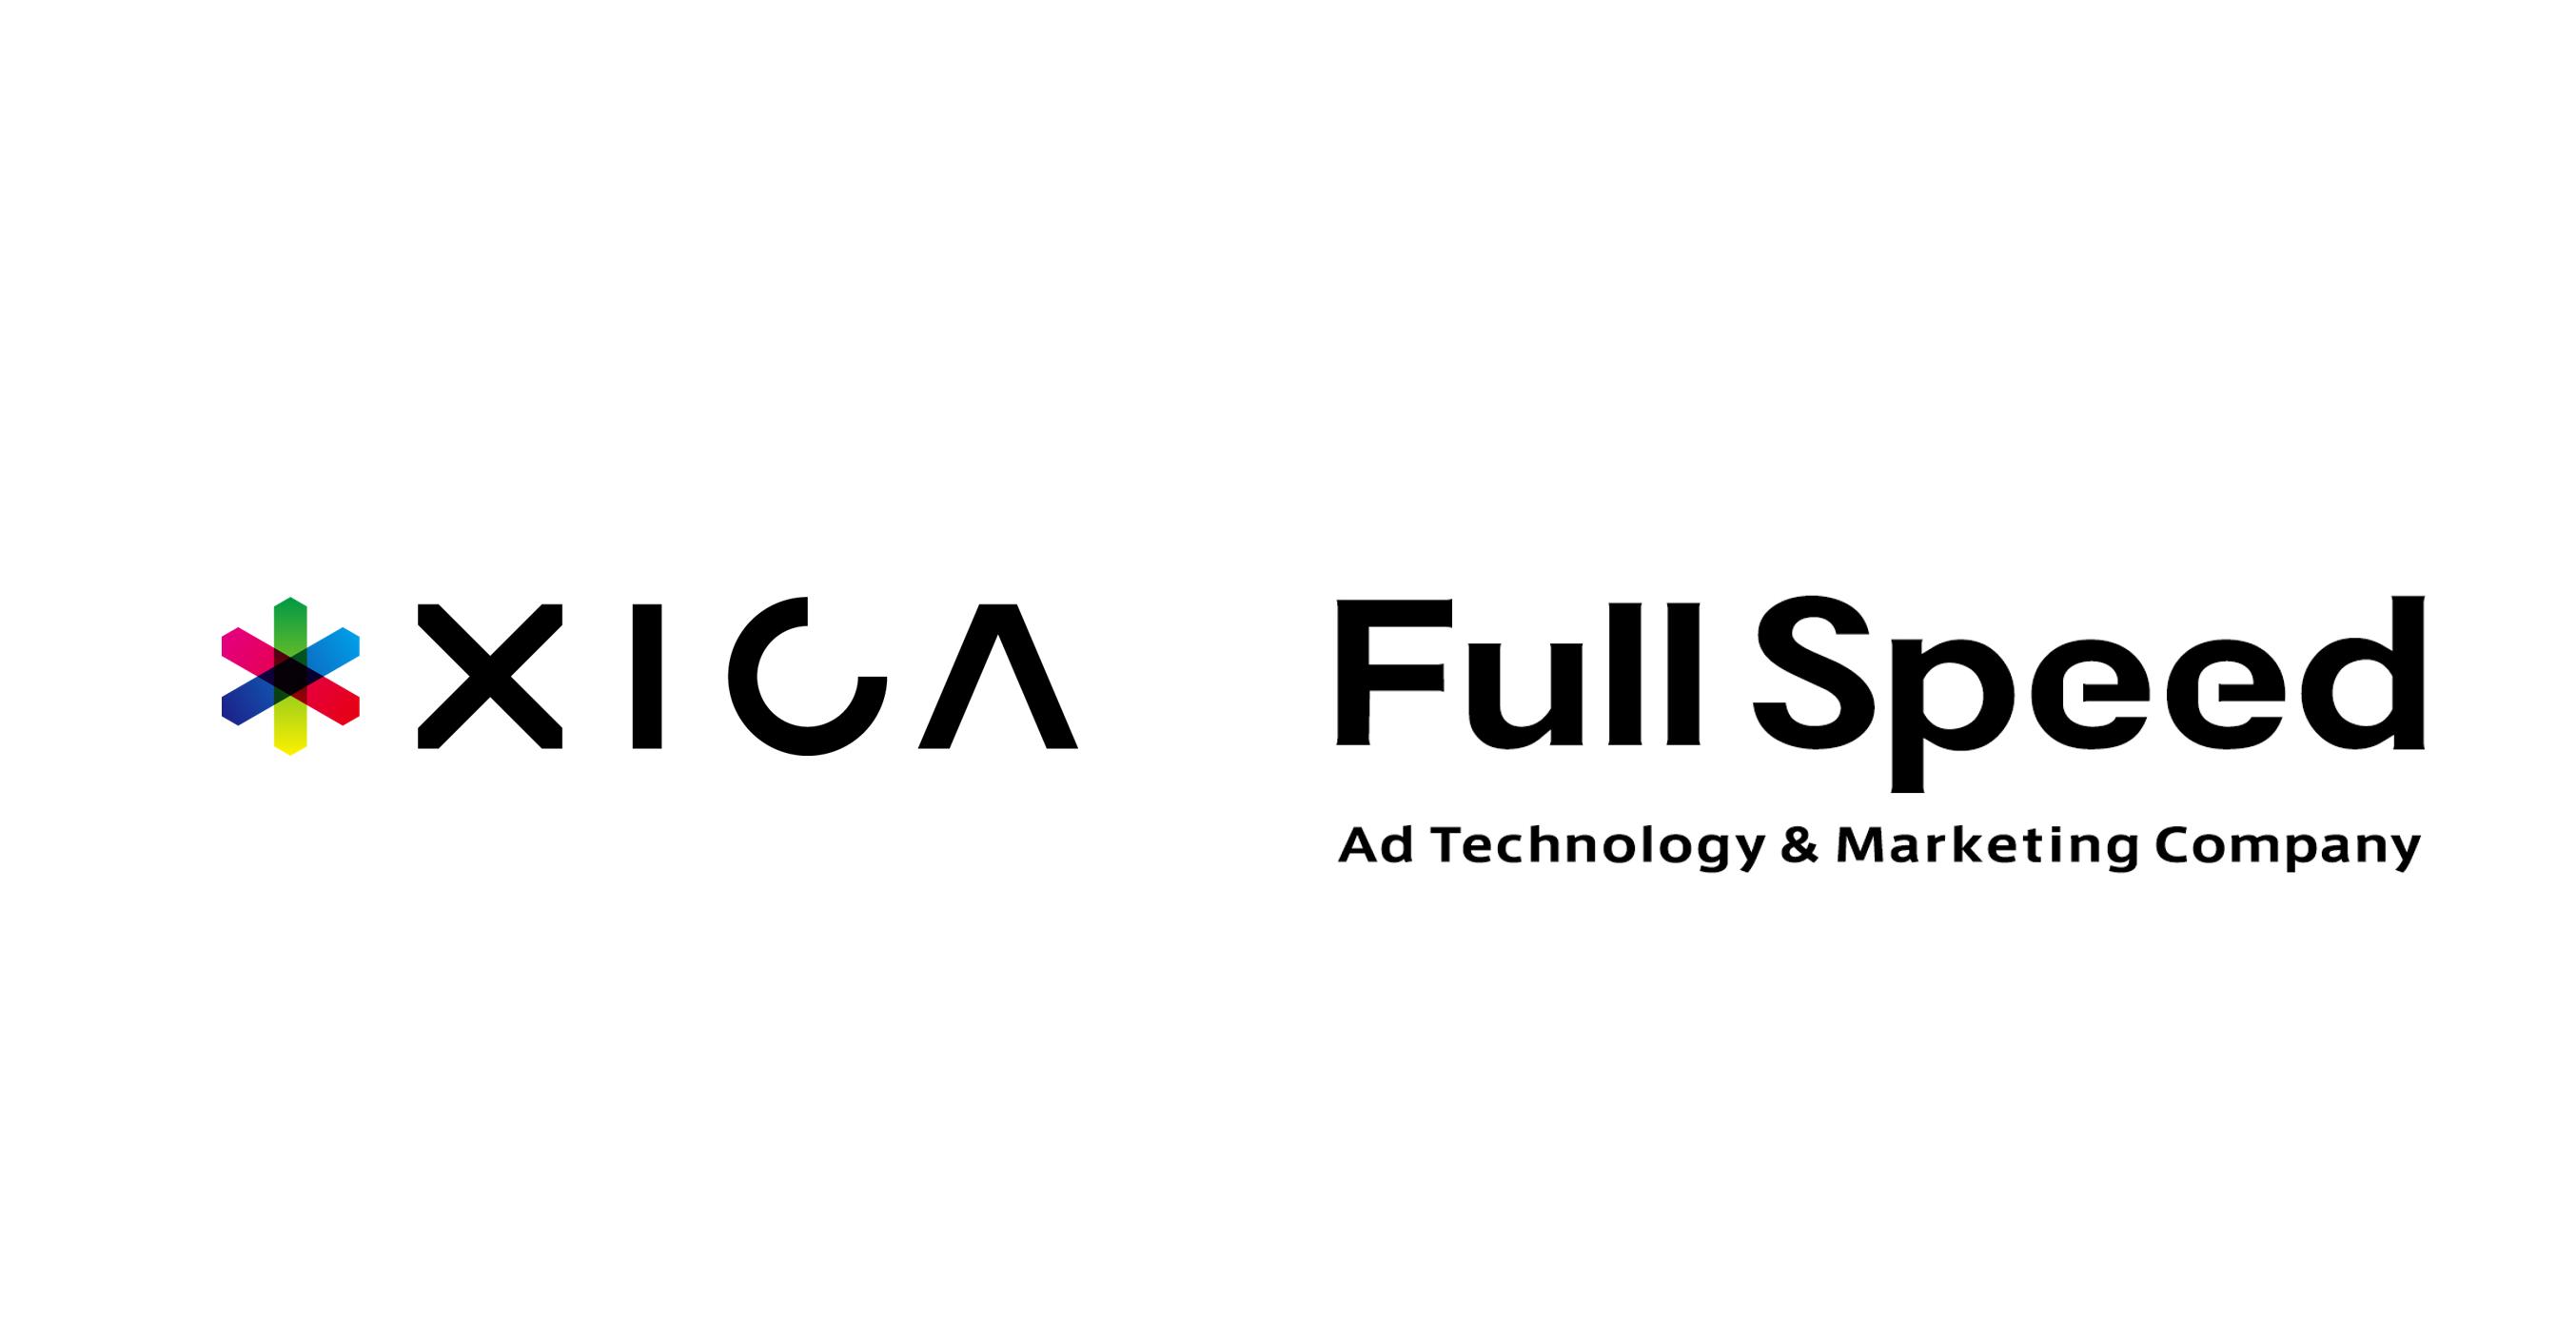 サイカ社とフルスピード社のロゴ